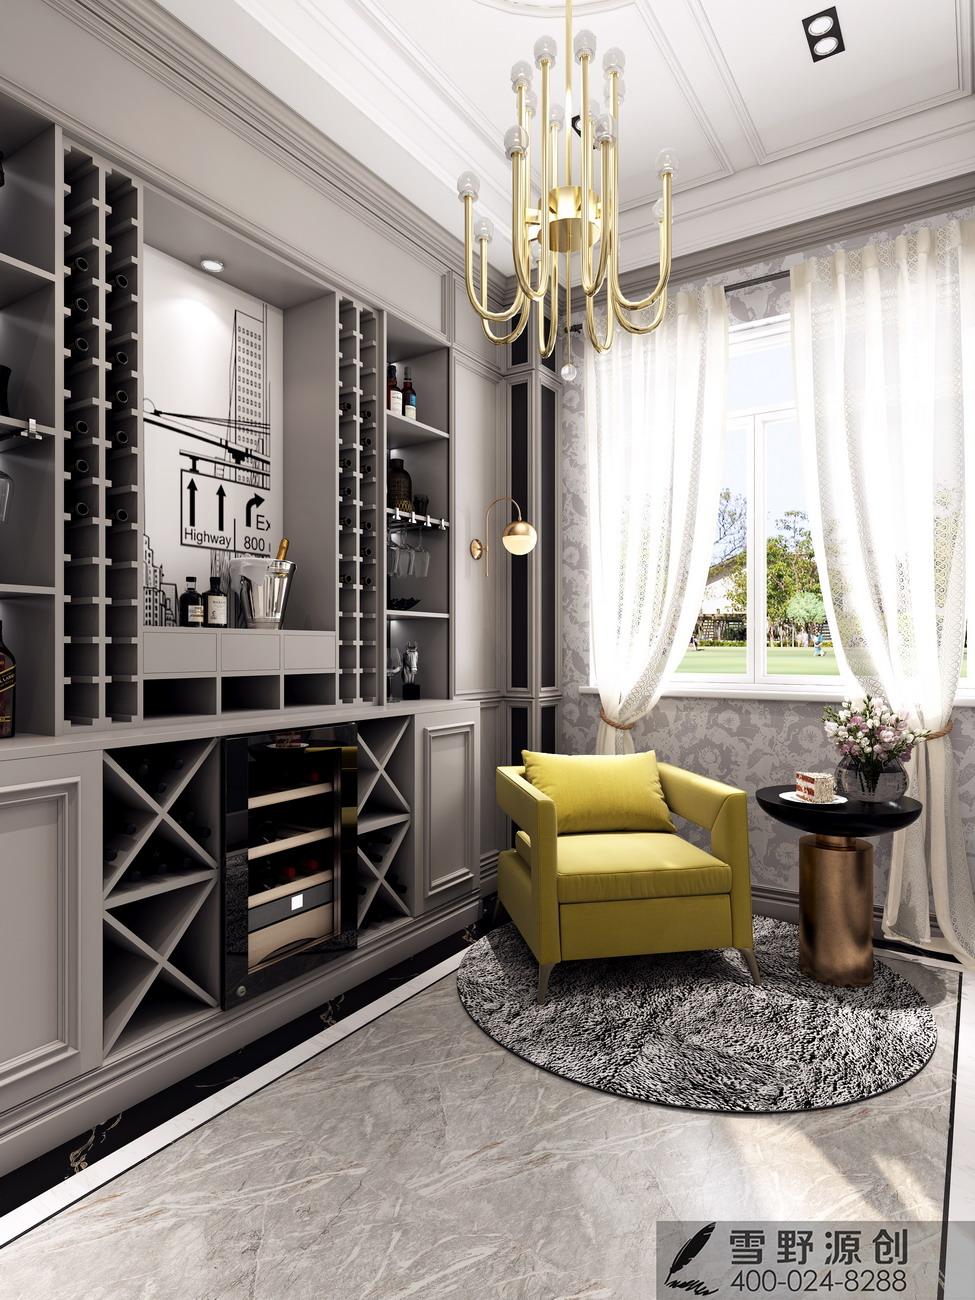 卡娜迪木门抓买点设计-高端木门店专卖店设计-高端店面设计-整木定制案例欣赏-欧式整木设计-